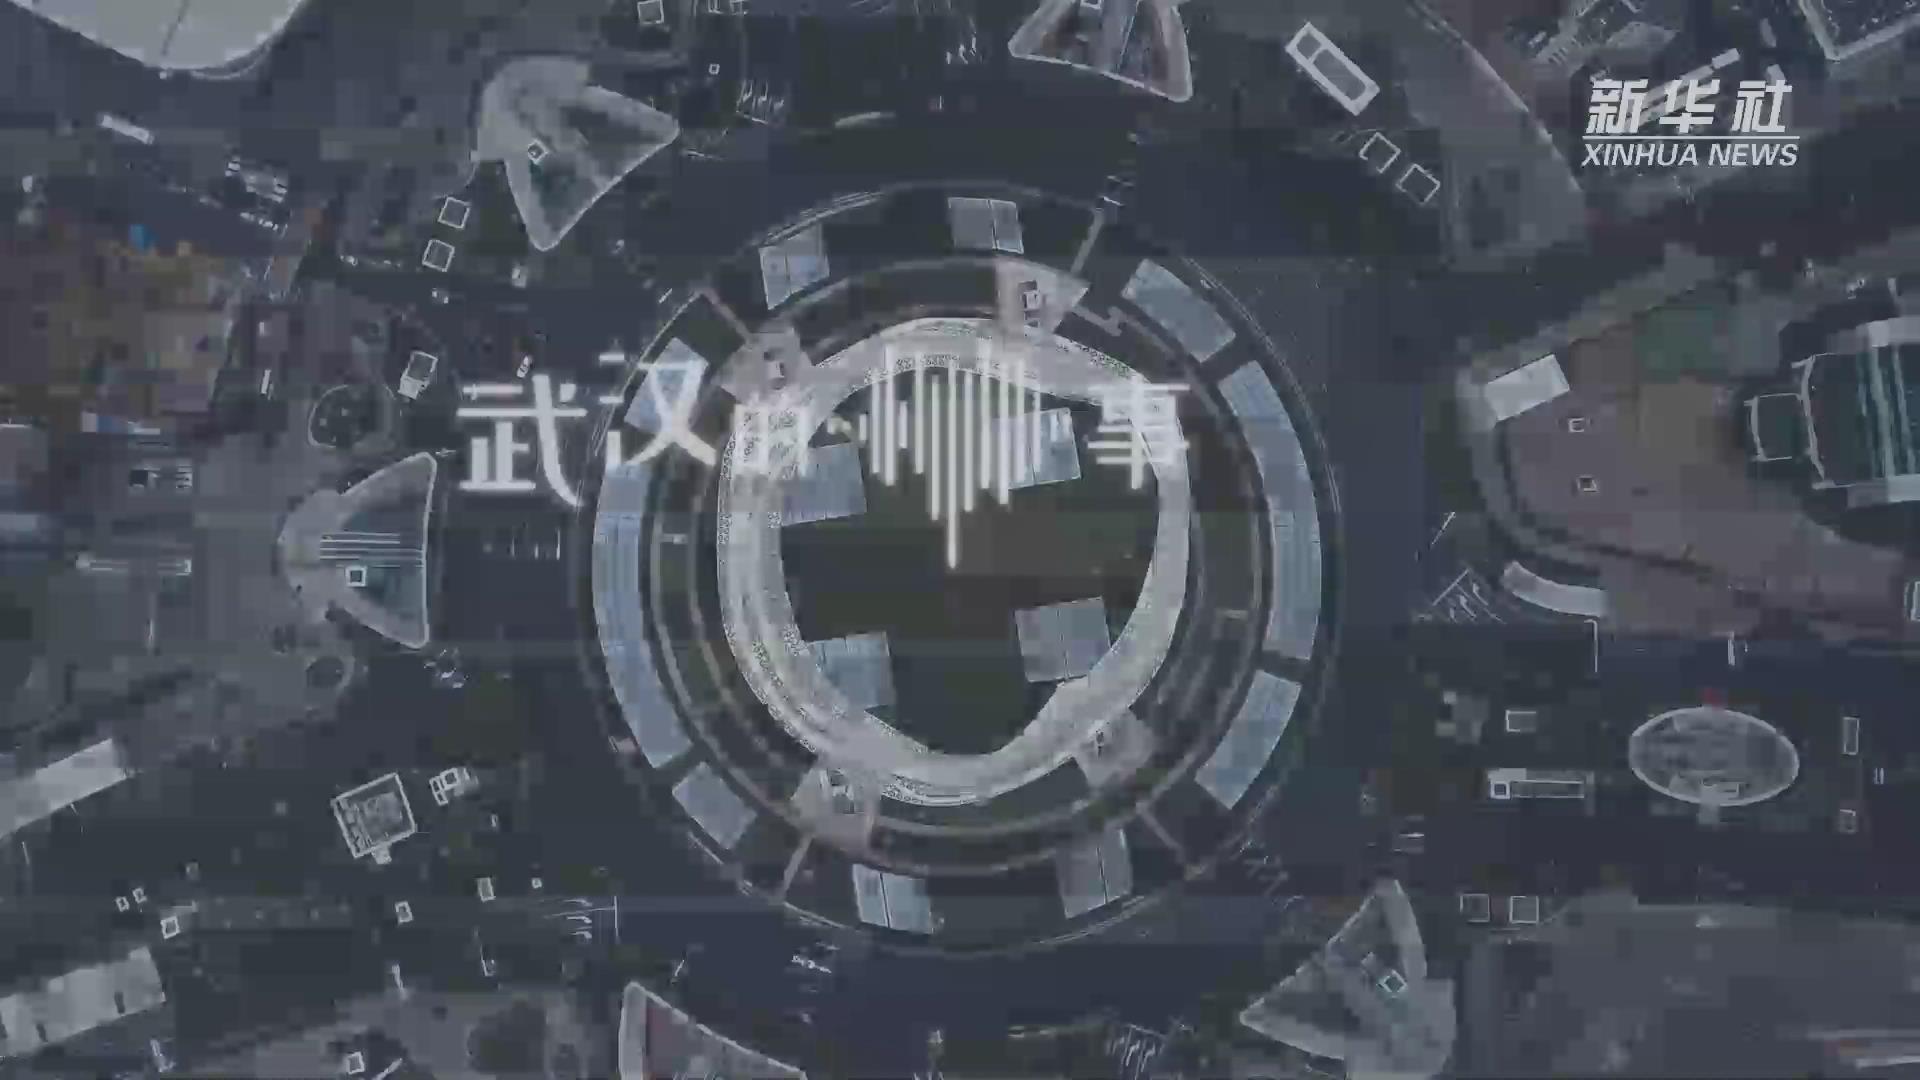 武汉的心事,我们在听XxjfceC007[00_00_35][20200421-121825].jpg